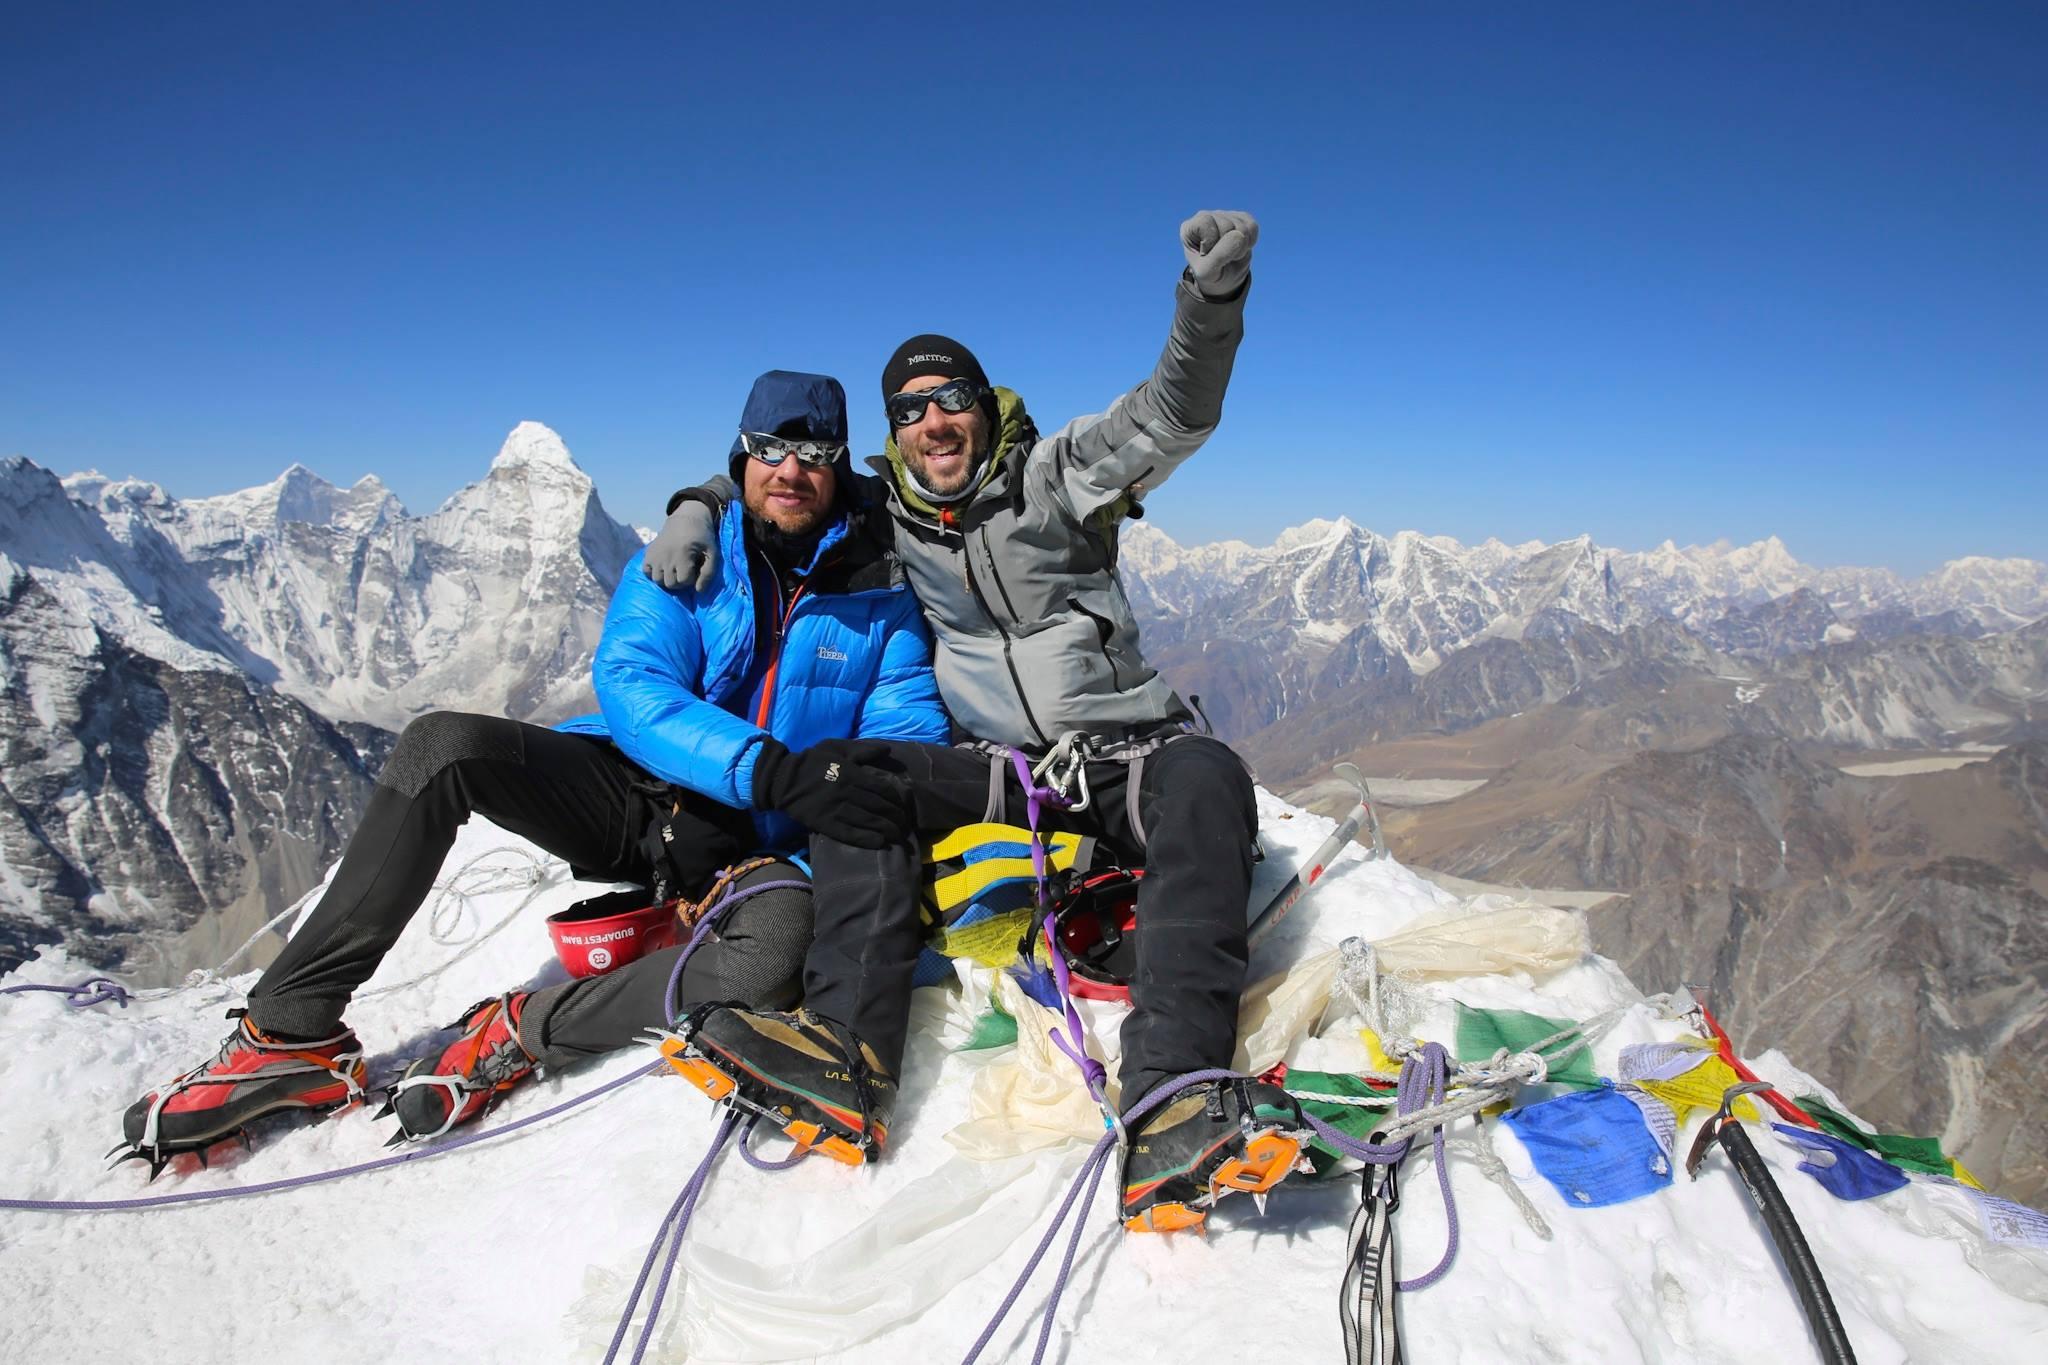 Száraz Dénes és Mohai Balázs az Island Peak csúcsán Forrás: MEE/Mohai Balázs/Phurba Namgyal Serpa